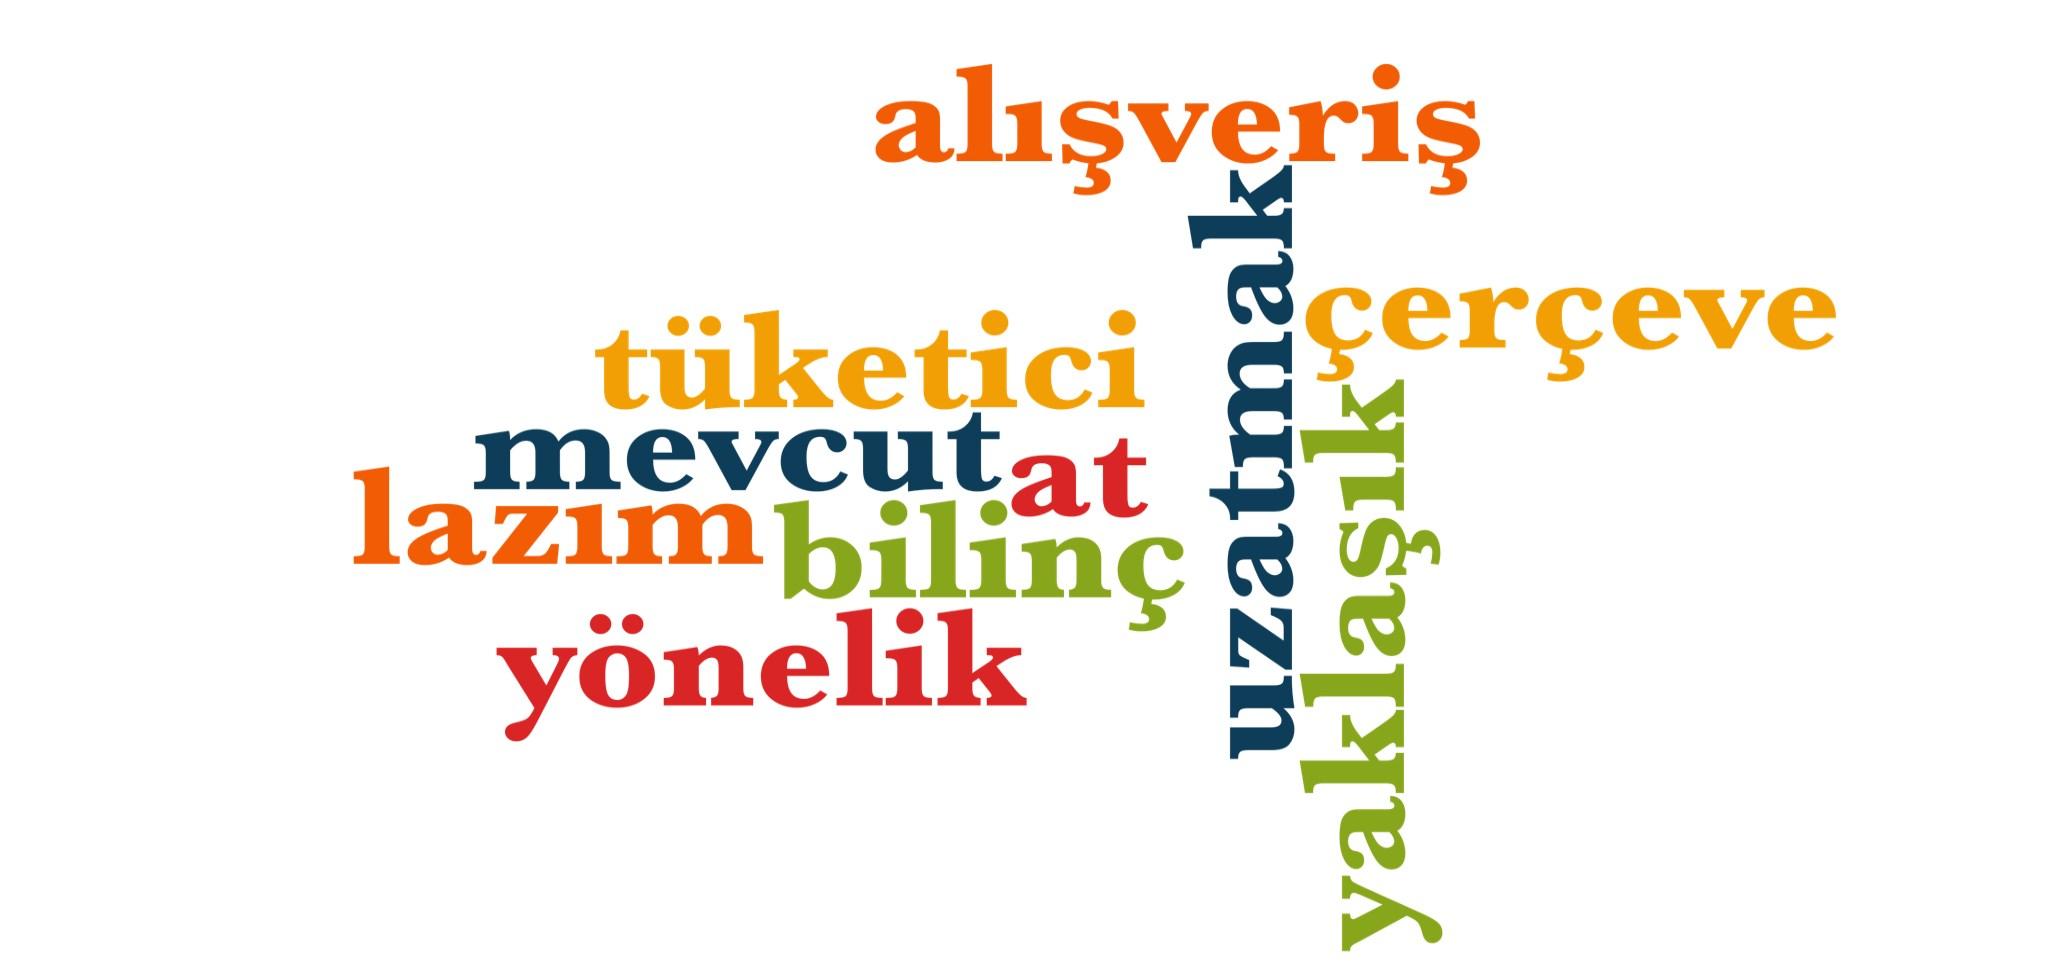 Wörter 921 bis 930 der 1000 häufigsten Wörter der türkischen Sprache